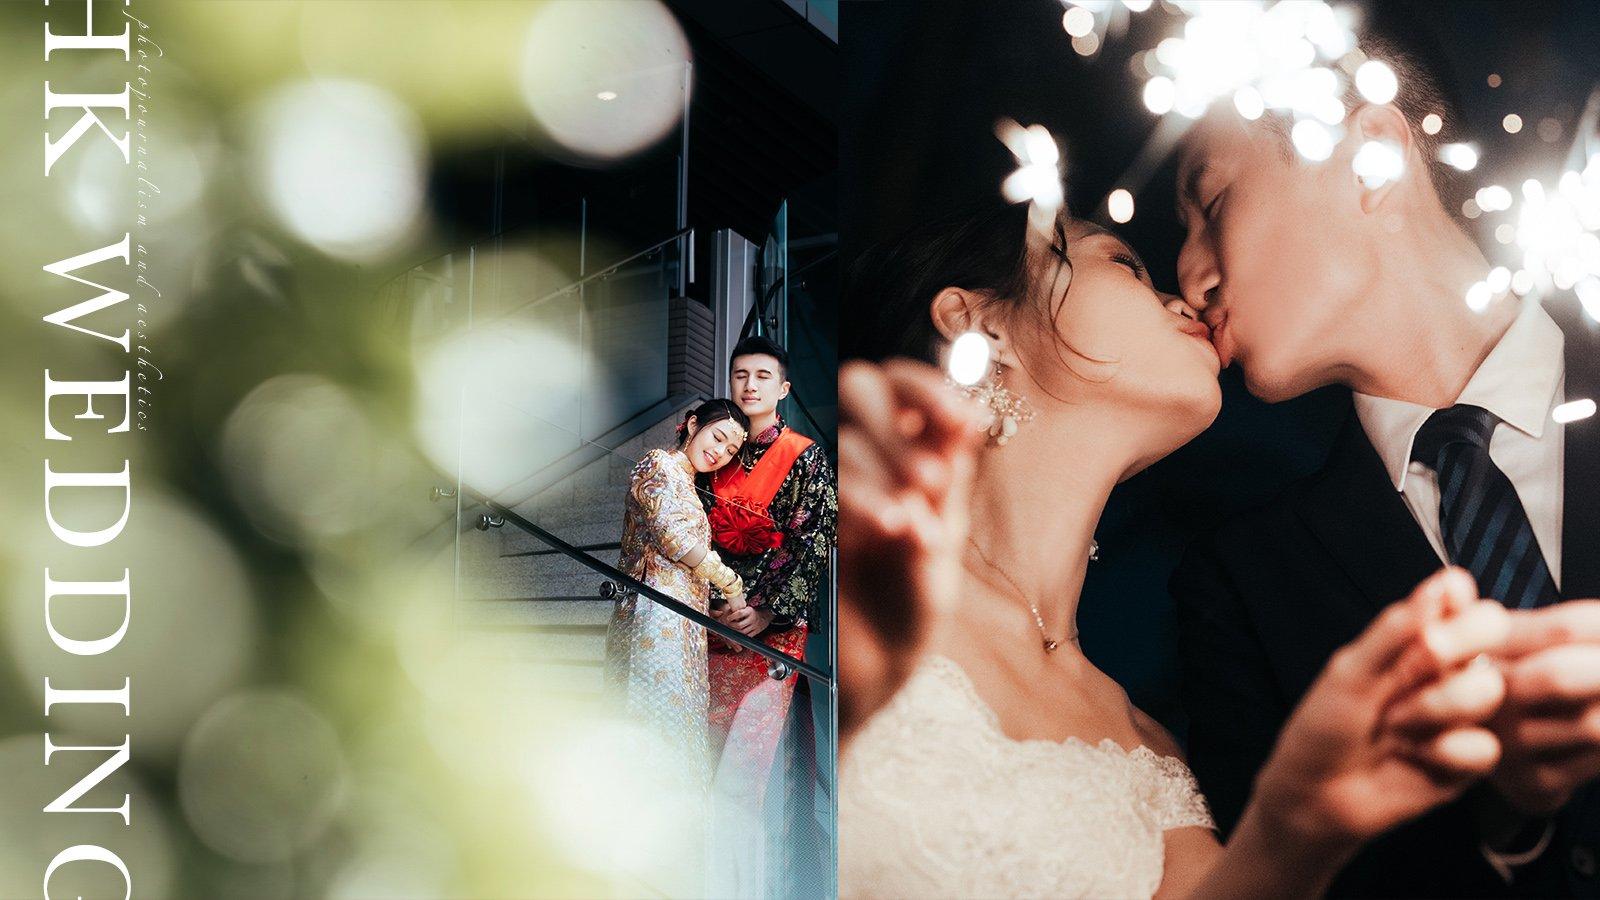 【待你如初】|有個鬼馬的新郎,婚禮會是怎樣?